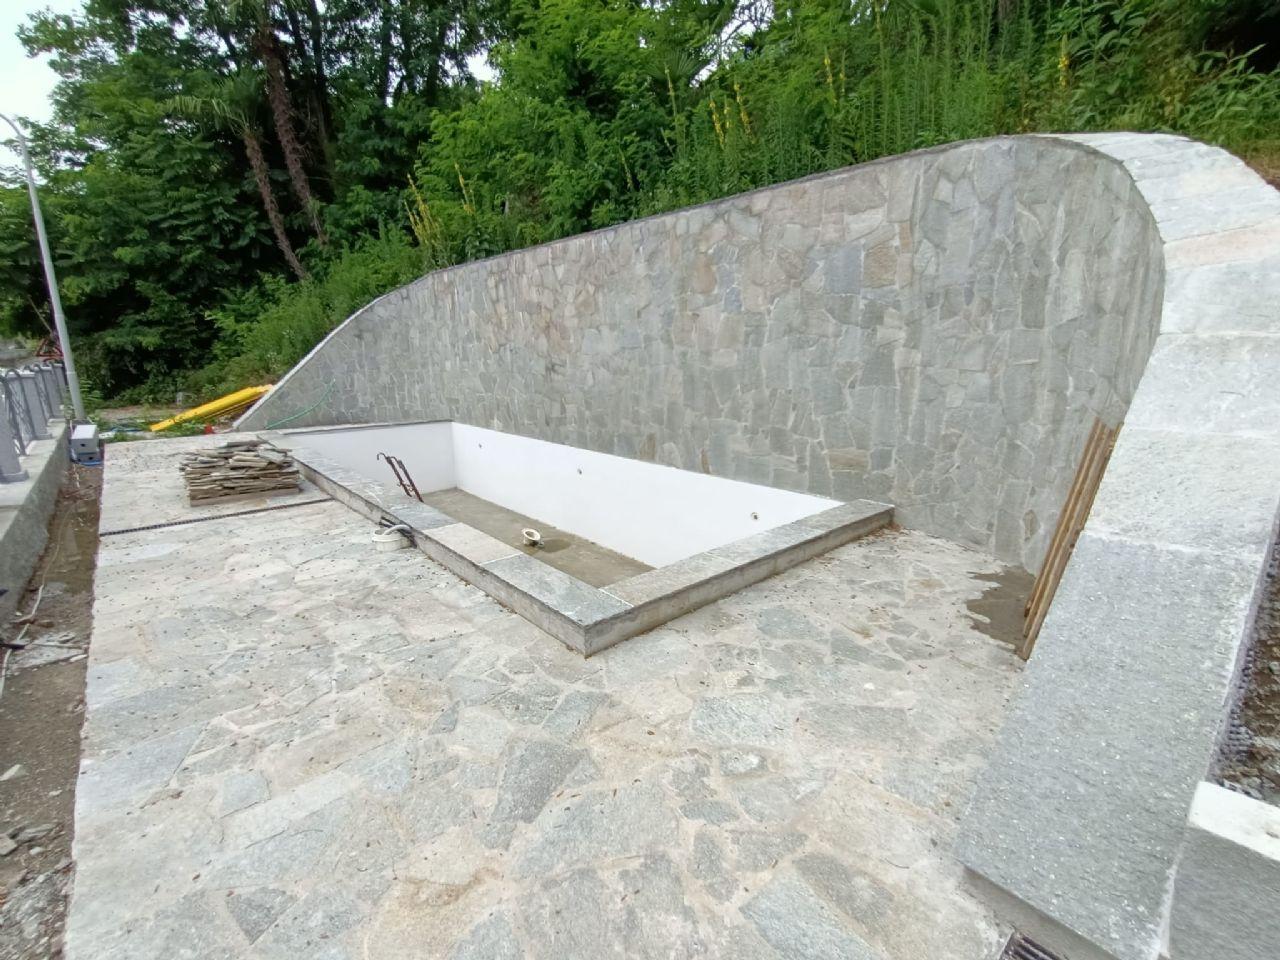 Suna proponiamo villa nuova Ristrutturazione vista lago  rifiniture di pregio